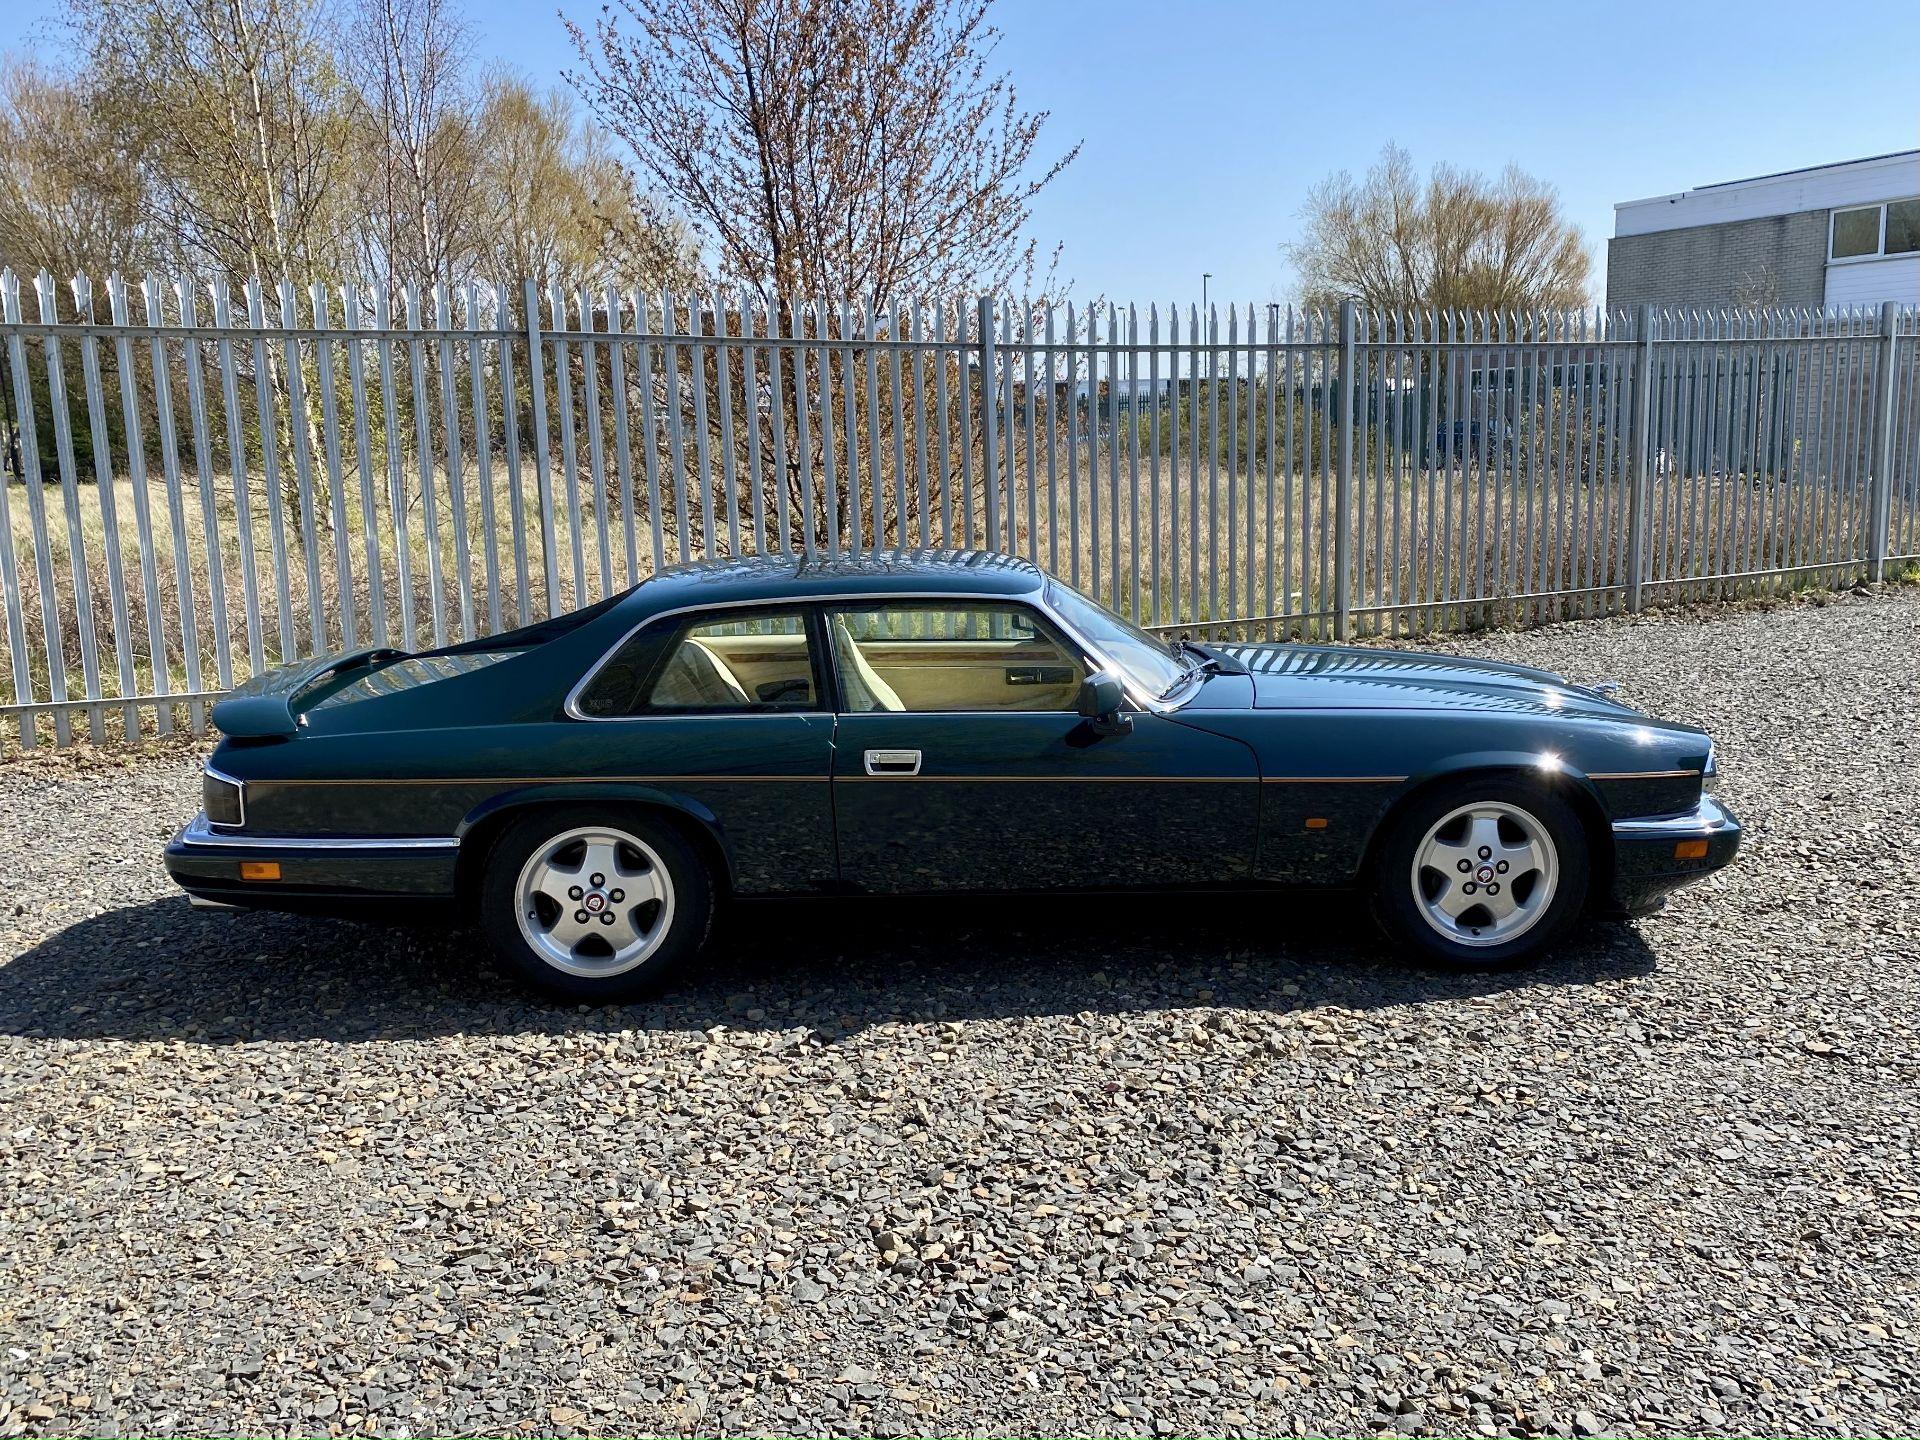 Jaguar XJS coupe - Image 4 of 64